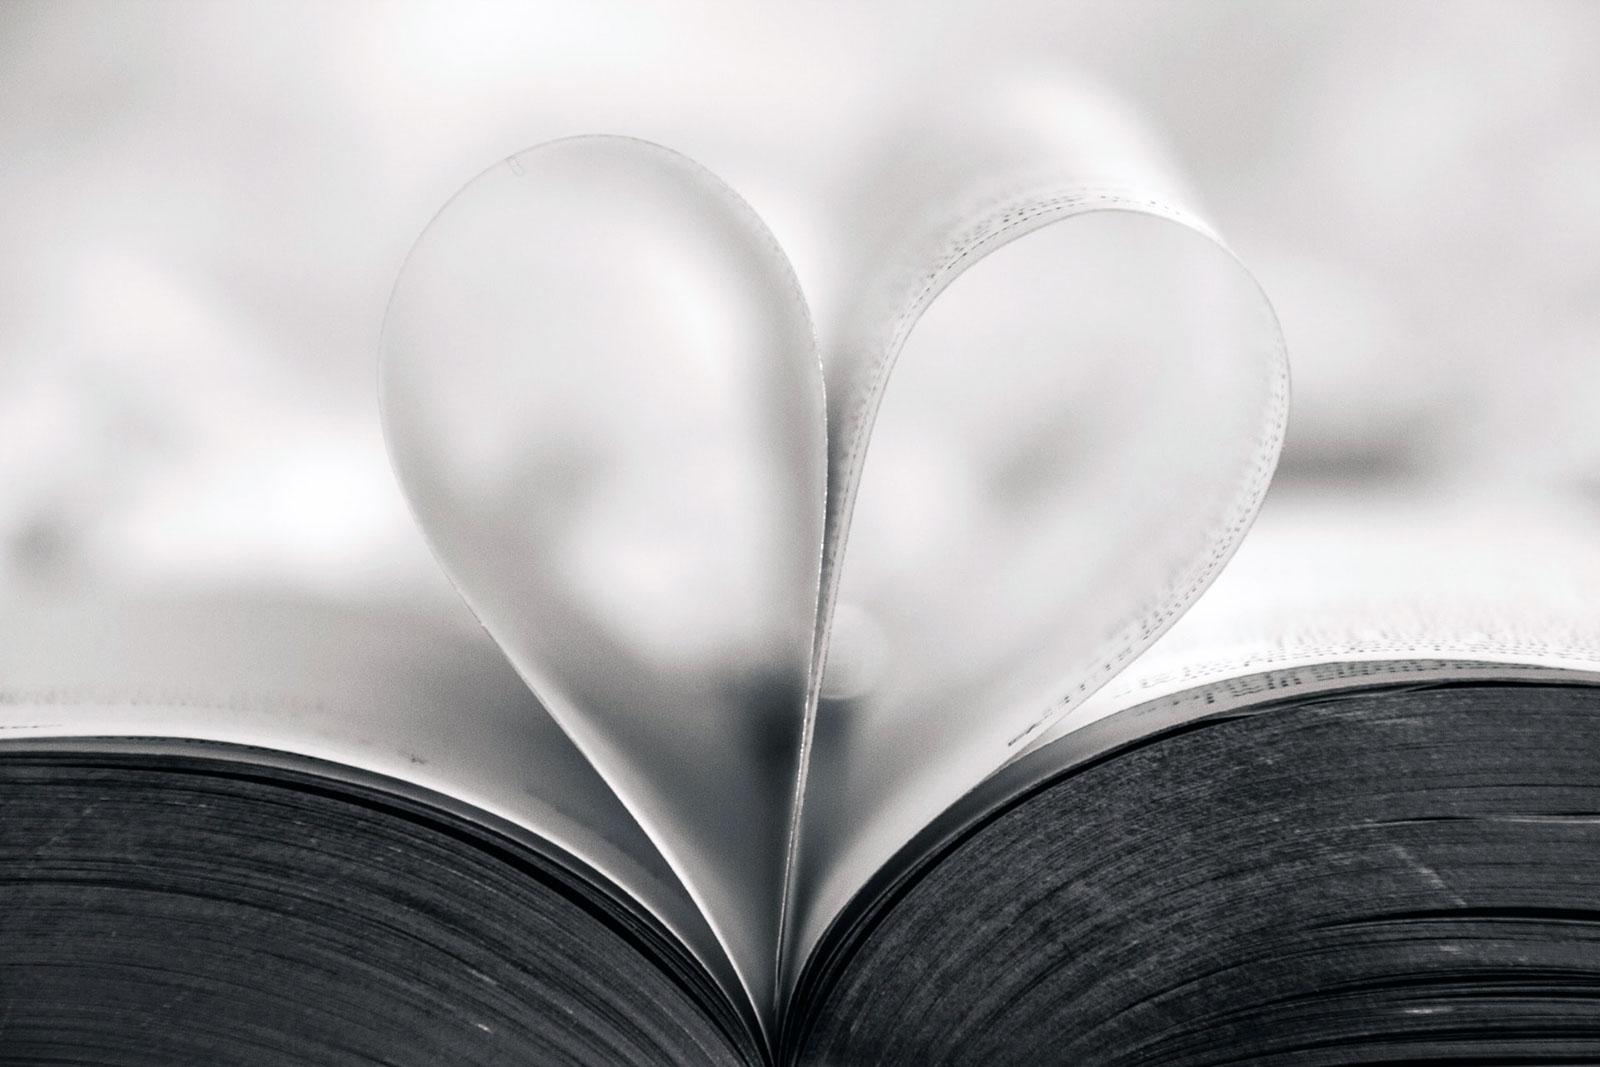 Livro com folhas dobradas em forma de coração